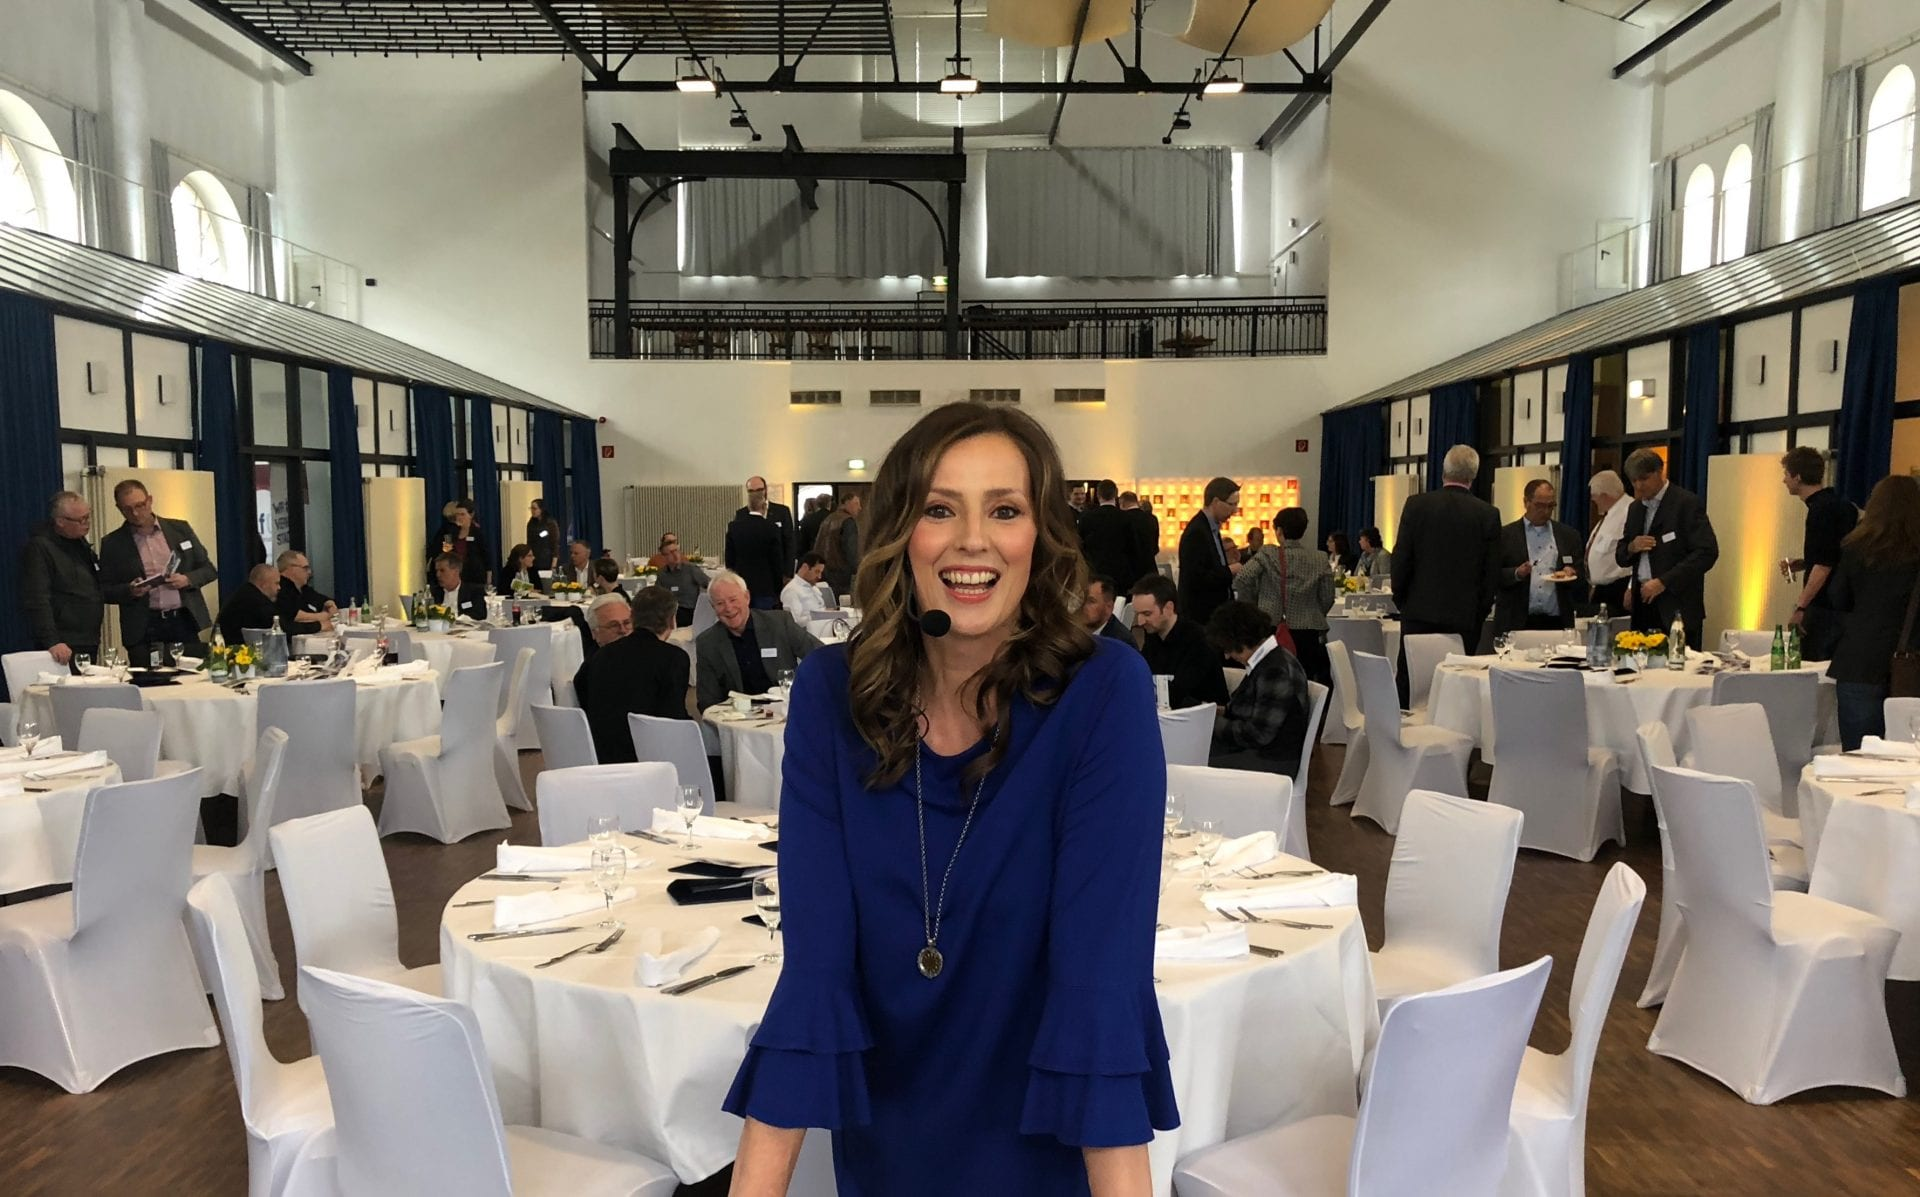 Kristina zur Mühlen im Saal vor gedeckten Tischen |blaues Kleid